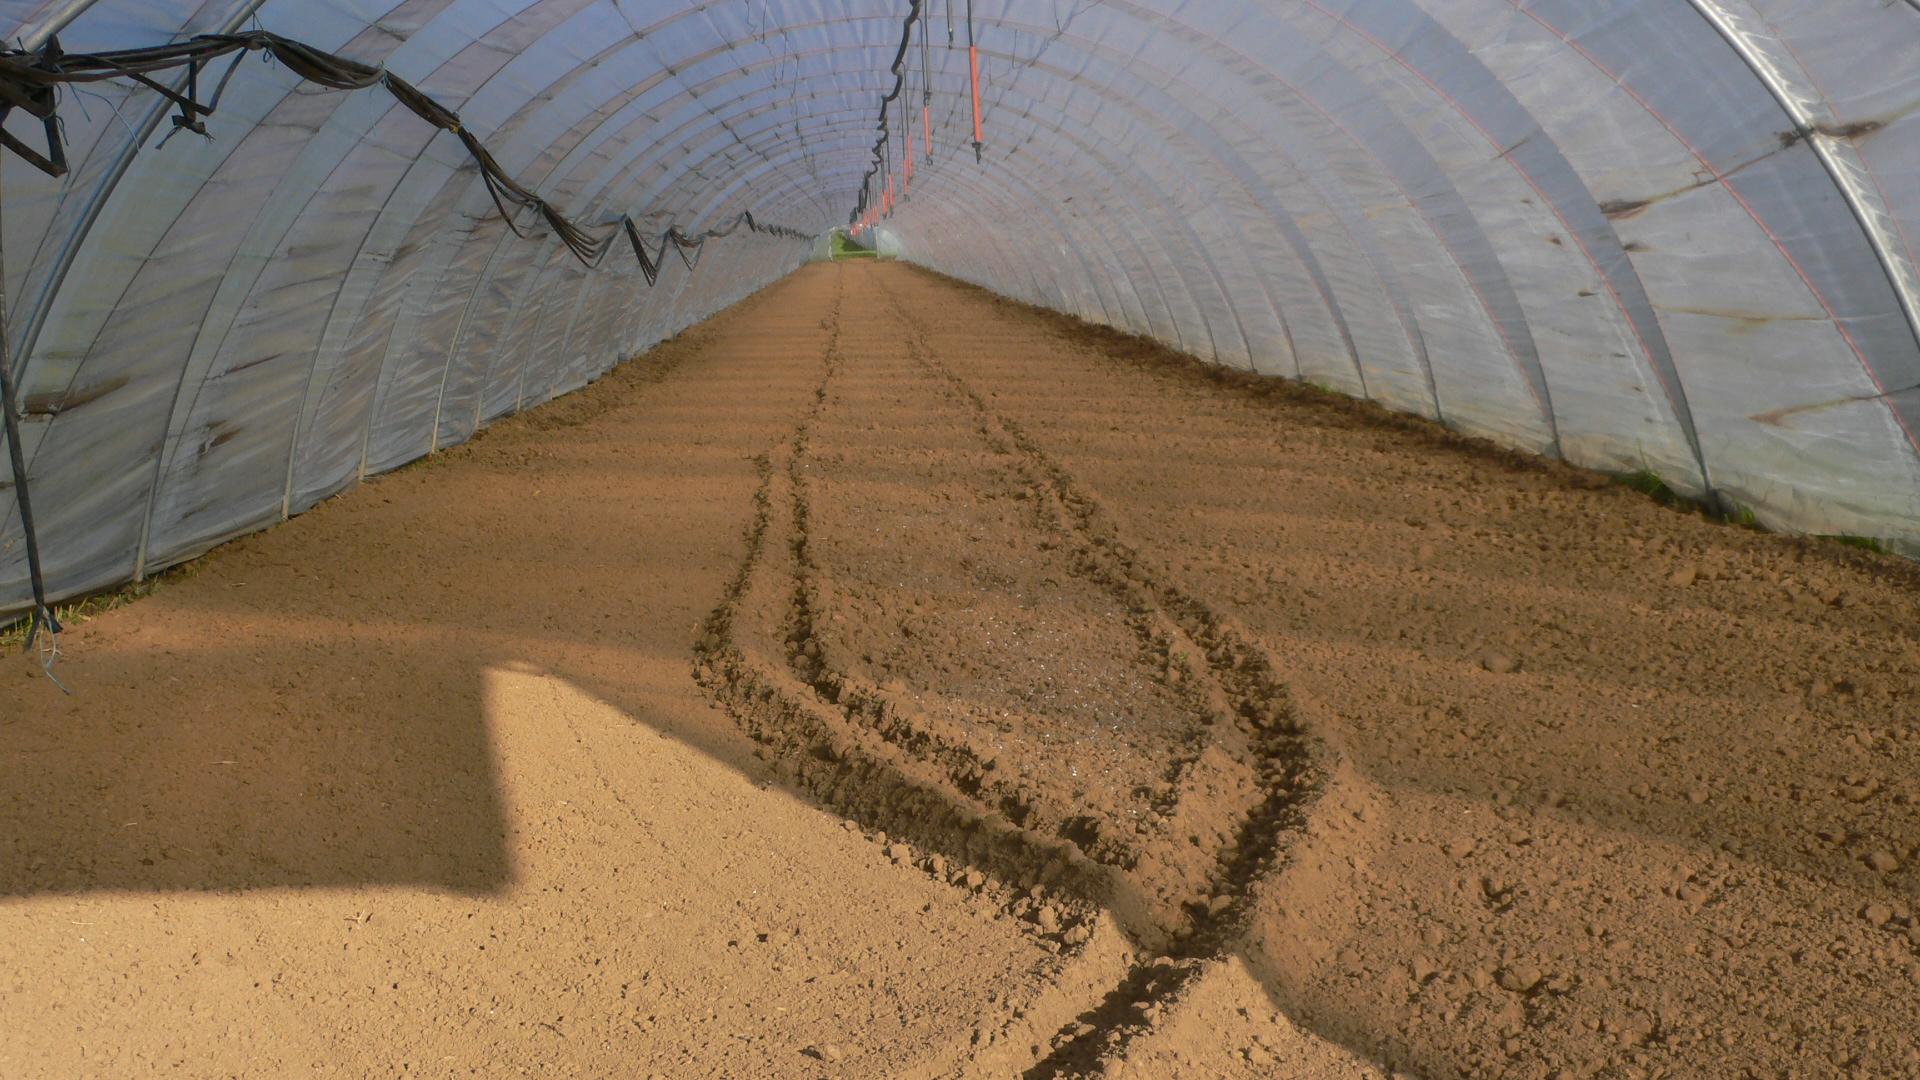 Konventioneller Anbau im Folientunnel wird vorbereitet